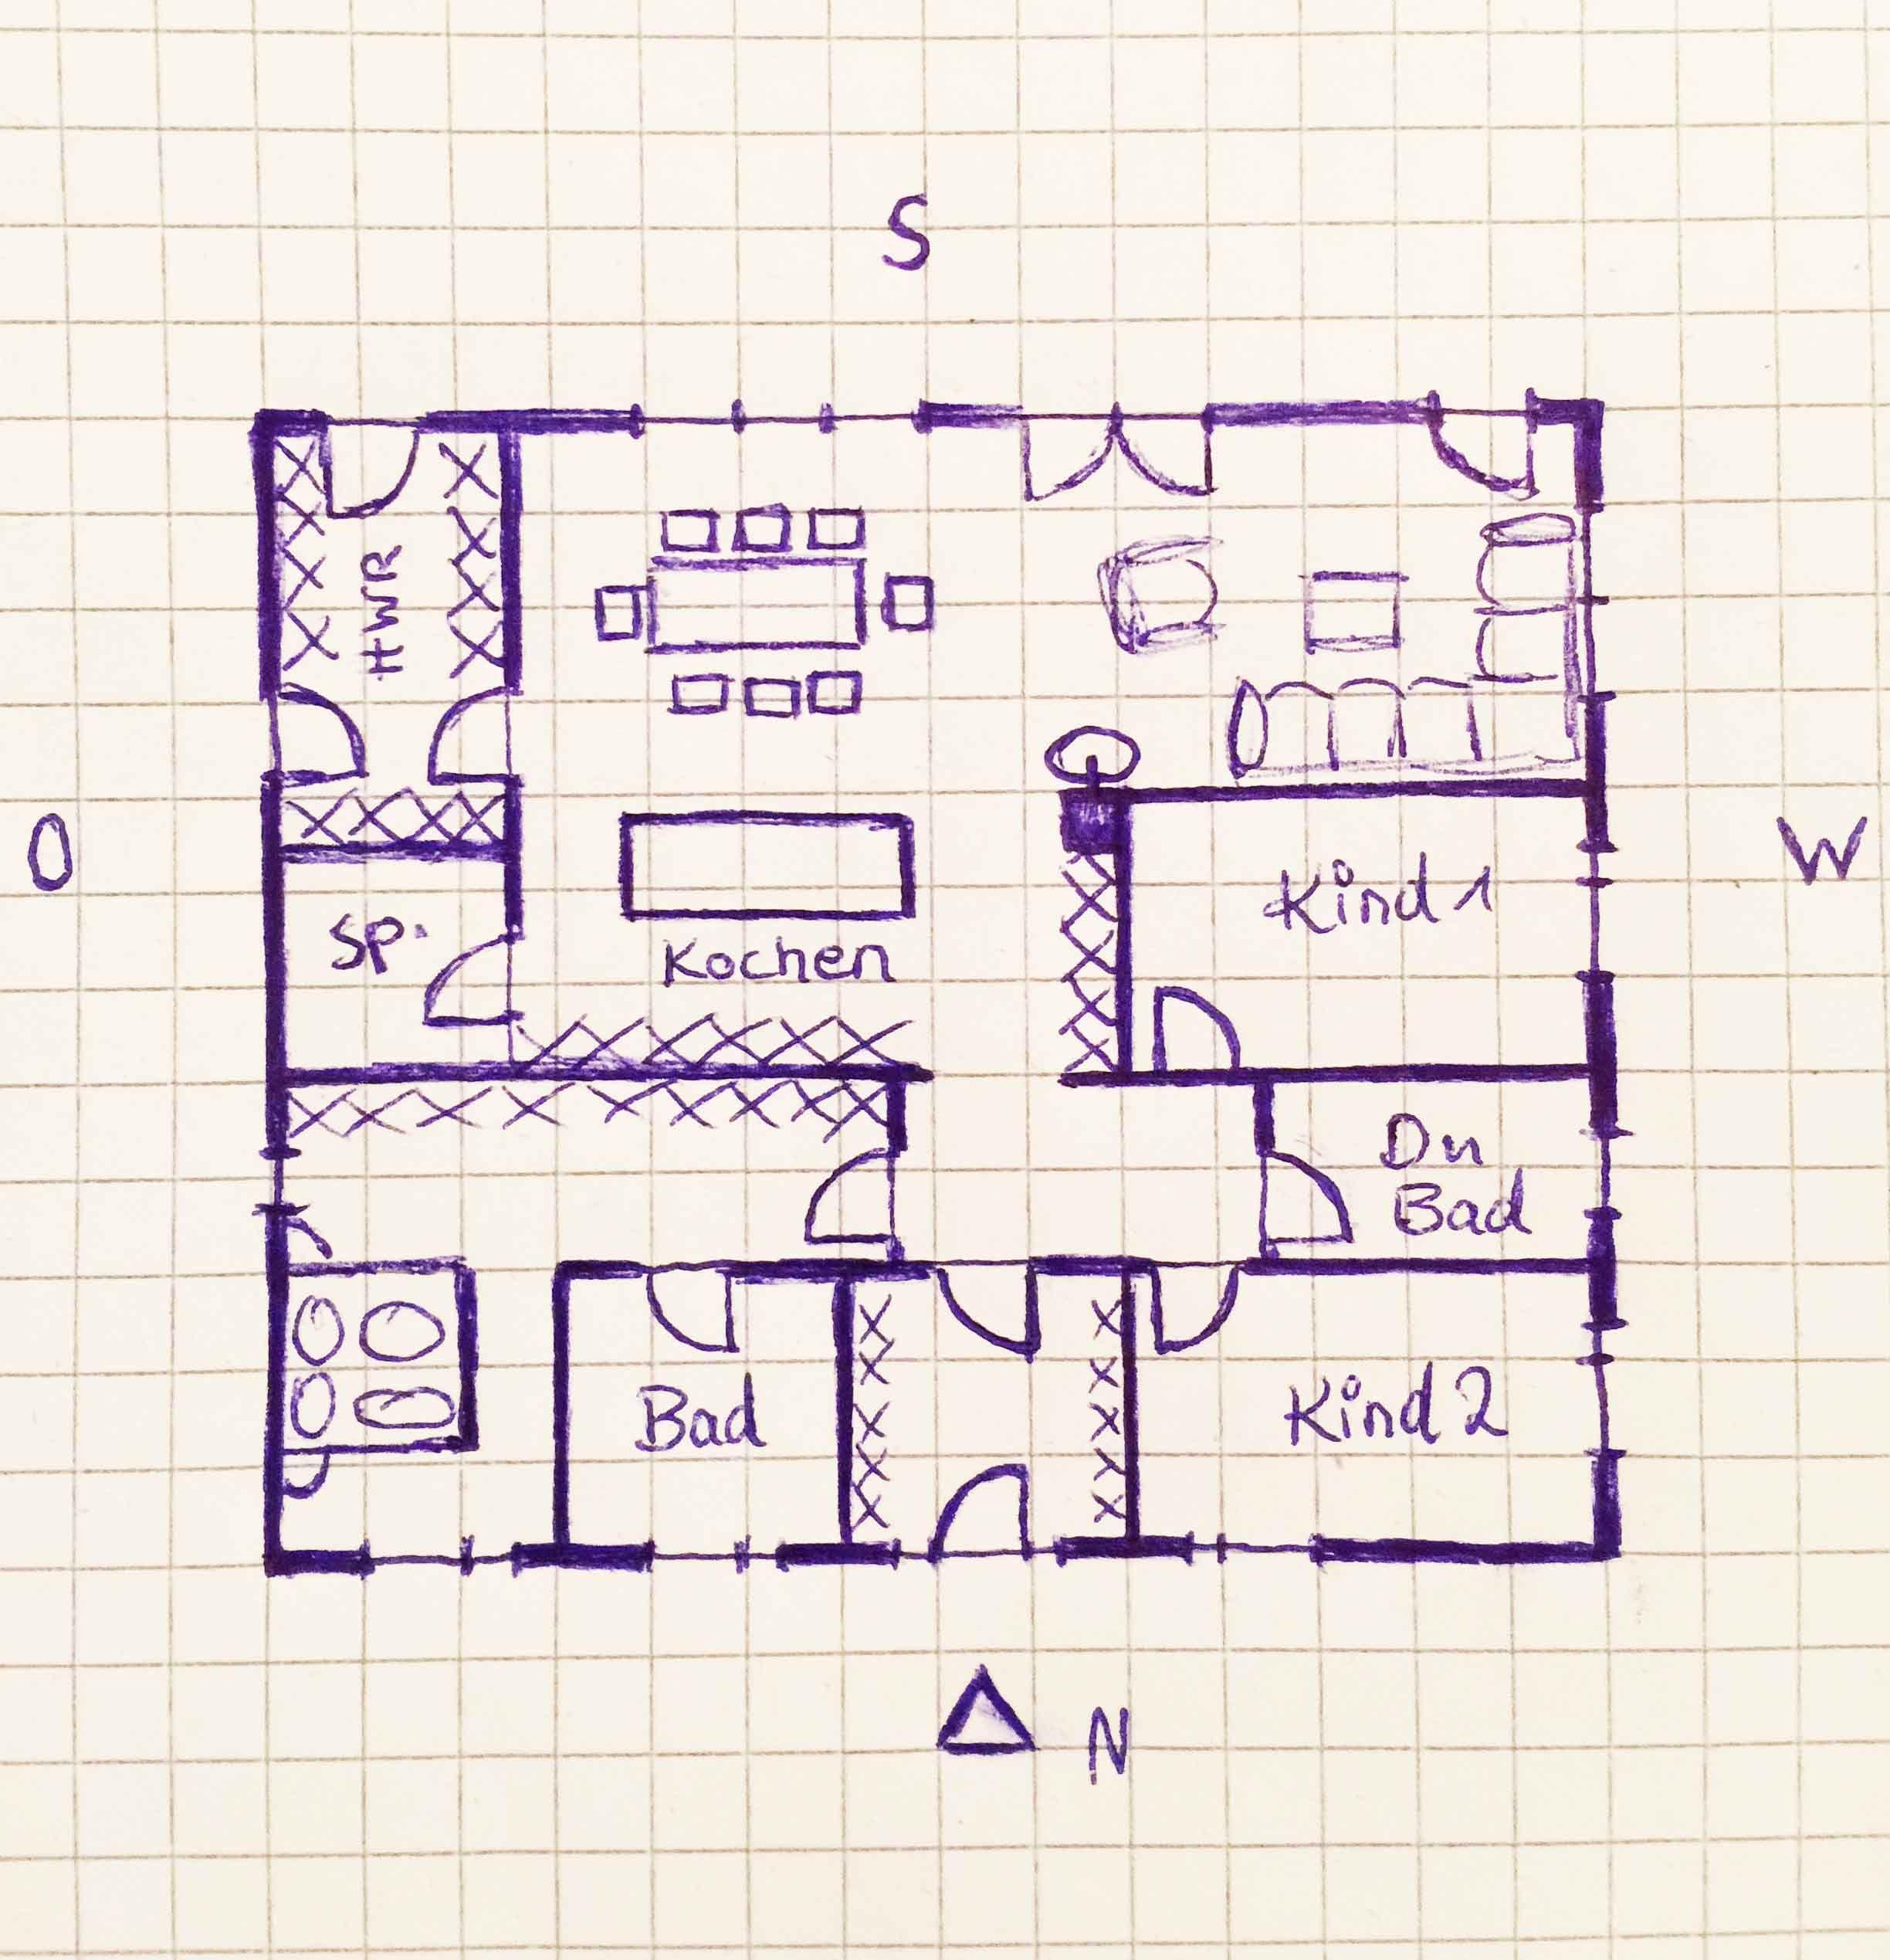 moderne bungalows grundrisse zeichnen Grundriss bungalow